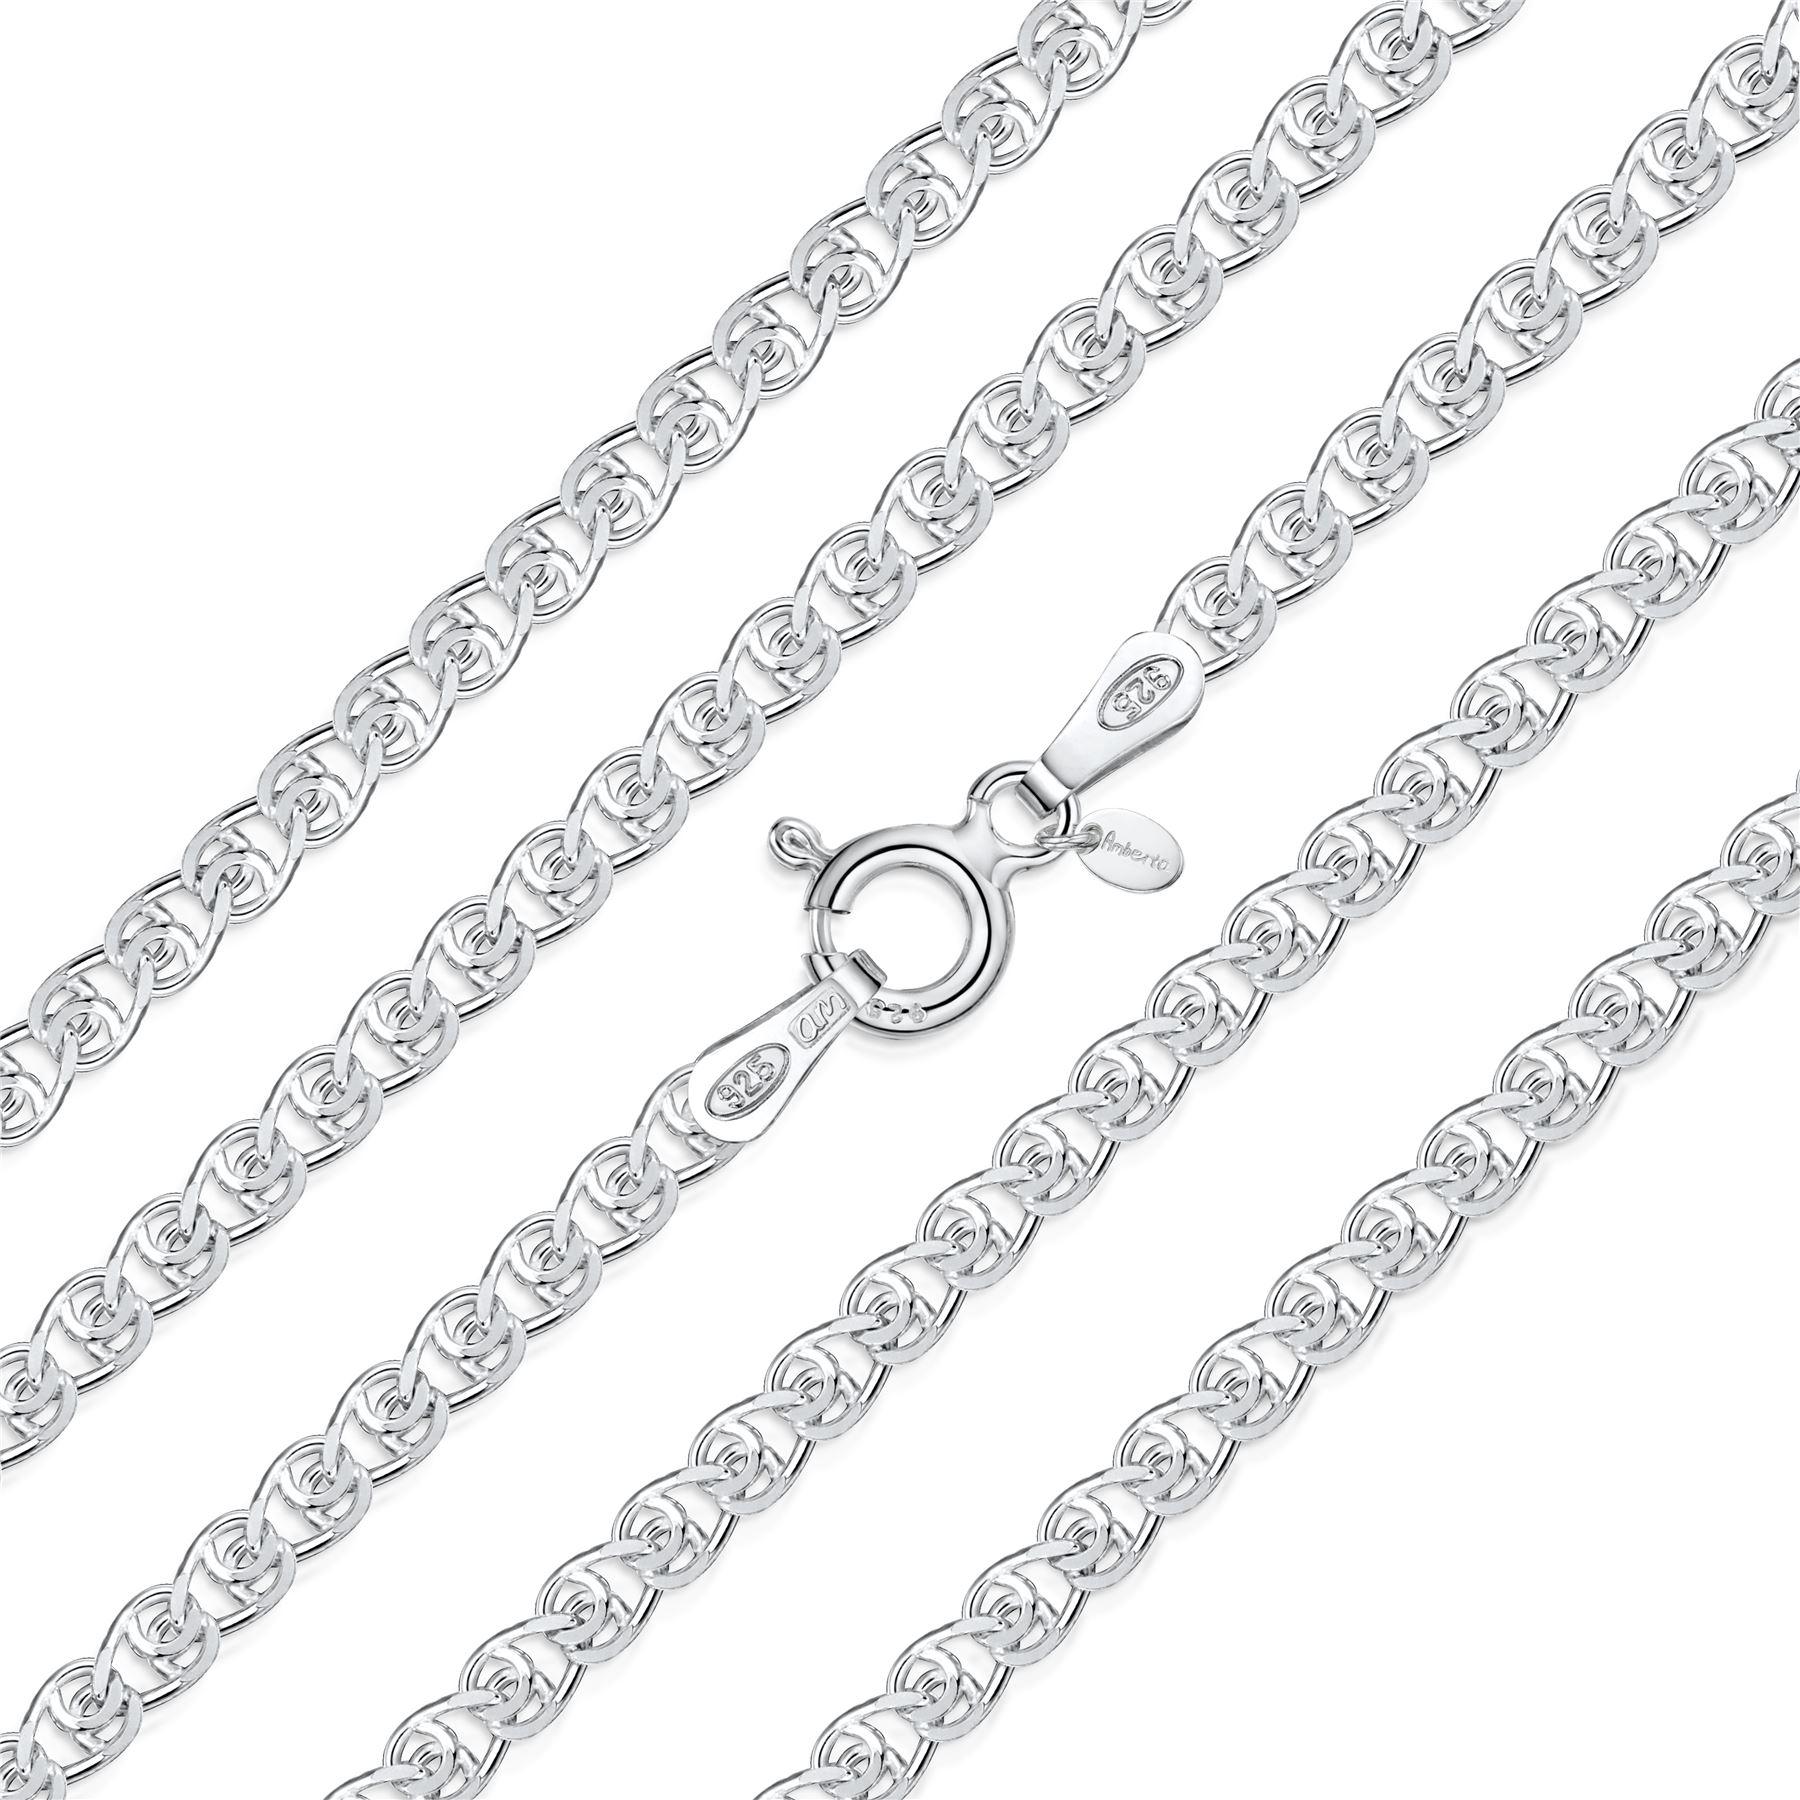 Amberta-Collar-en-Plata-De-Ley-925-Autentica-Cadena-para-Mujer-y-Hombre-Italiana miniatura 103